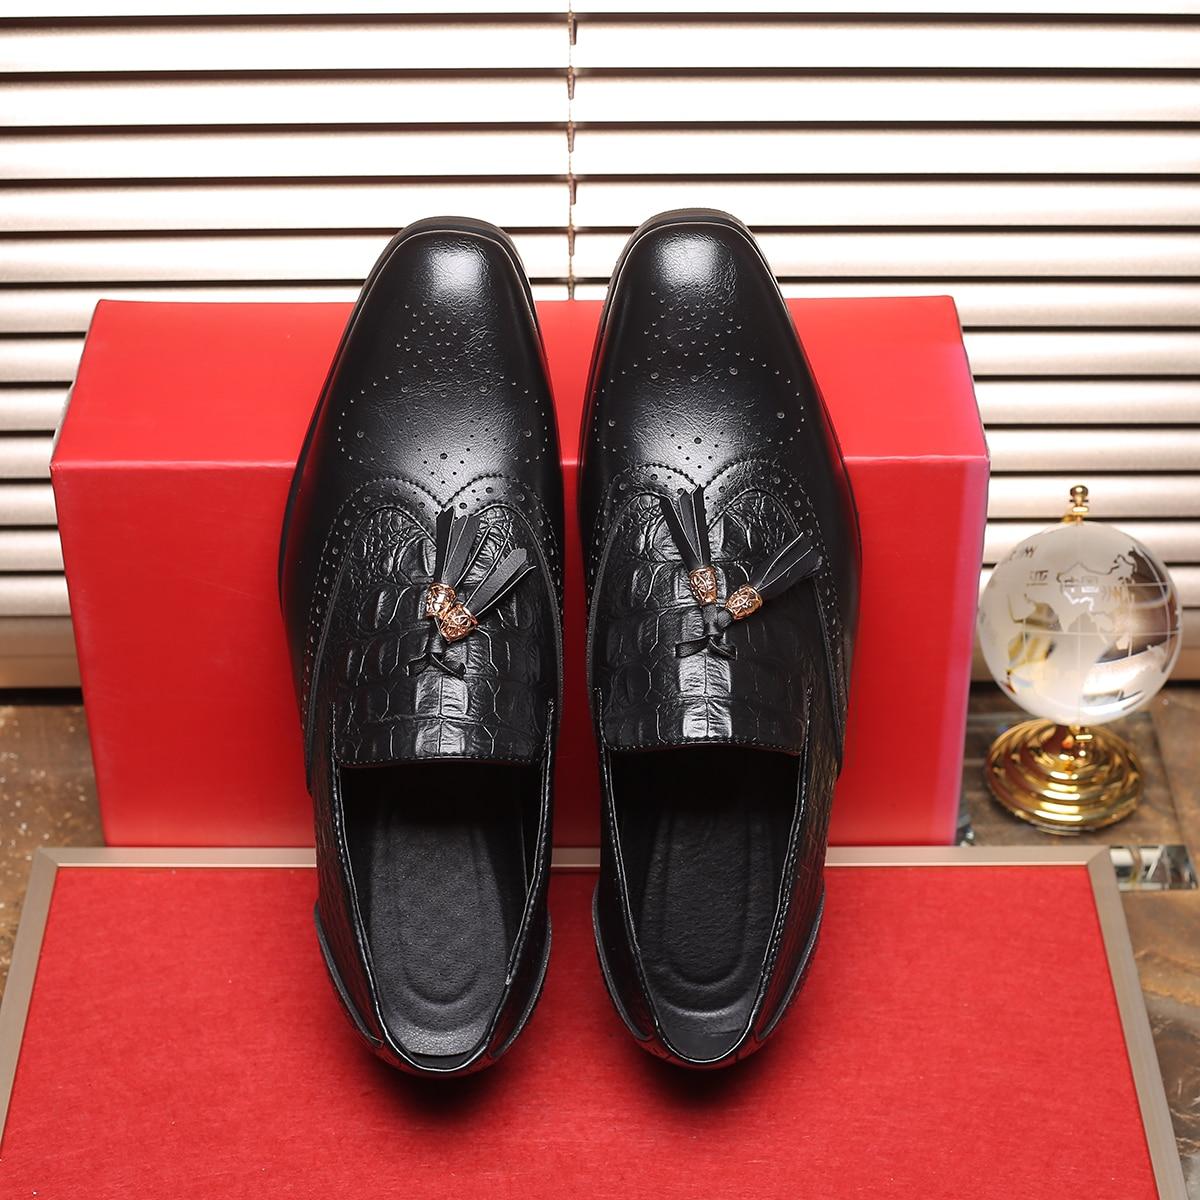 Мужские официальные туфли с рельефным узором